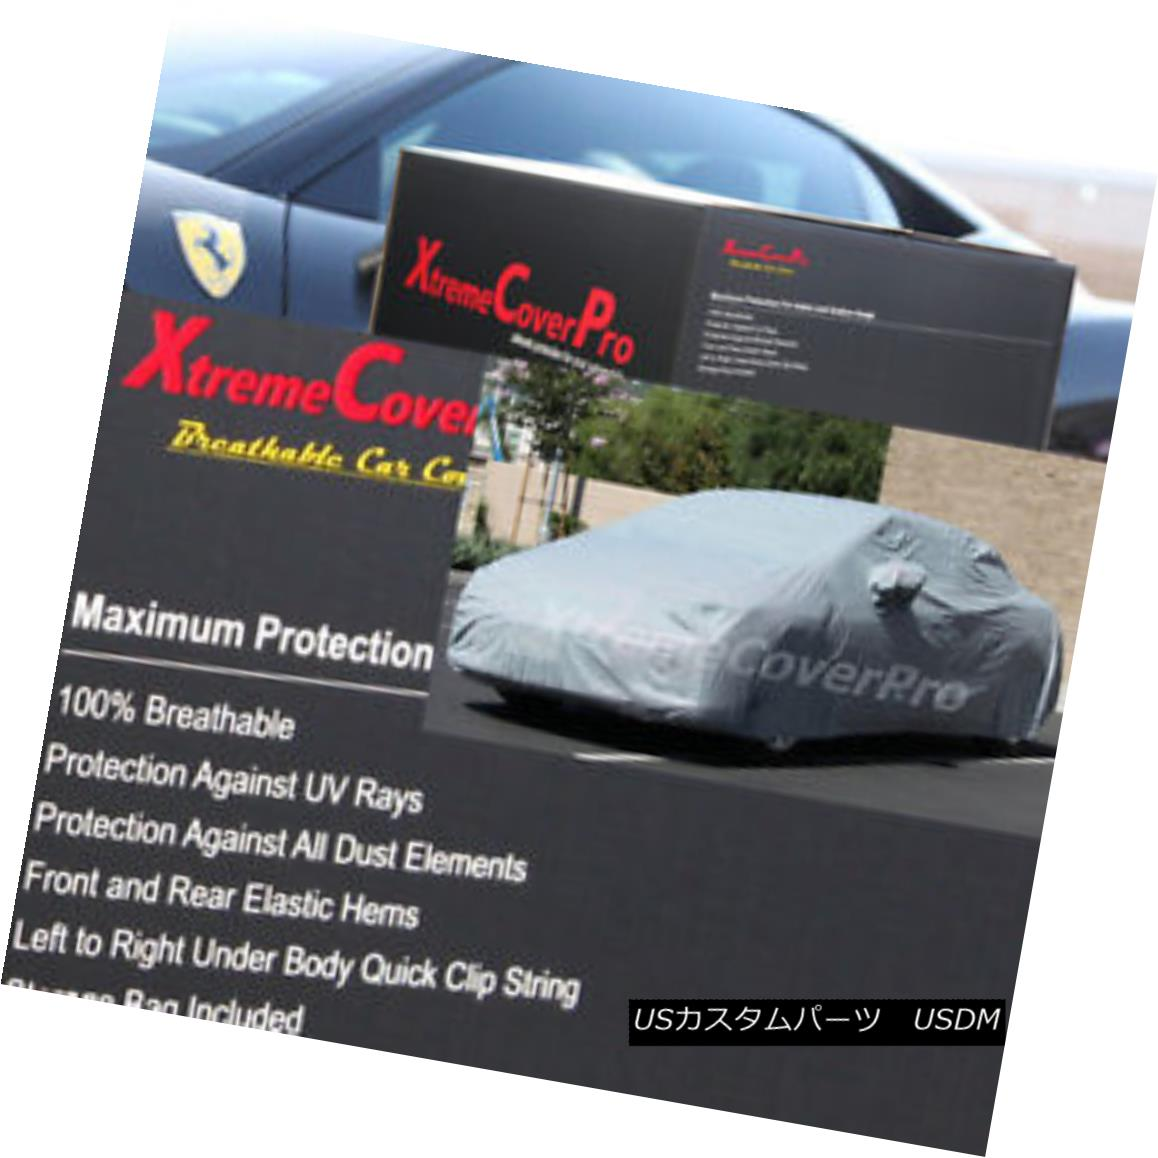 カーカバー 1984 1985 1986 1987 Chevy Camaro Breathable Car Cover w/MirrorPocket 1984 1985 1986 1987シボレーカマロ通気性の車カバー付き/ミラーポケット